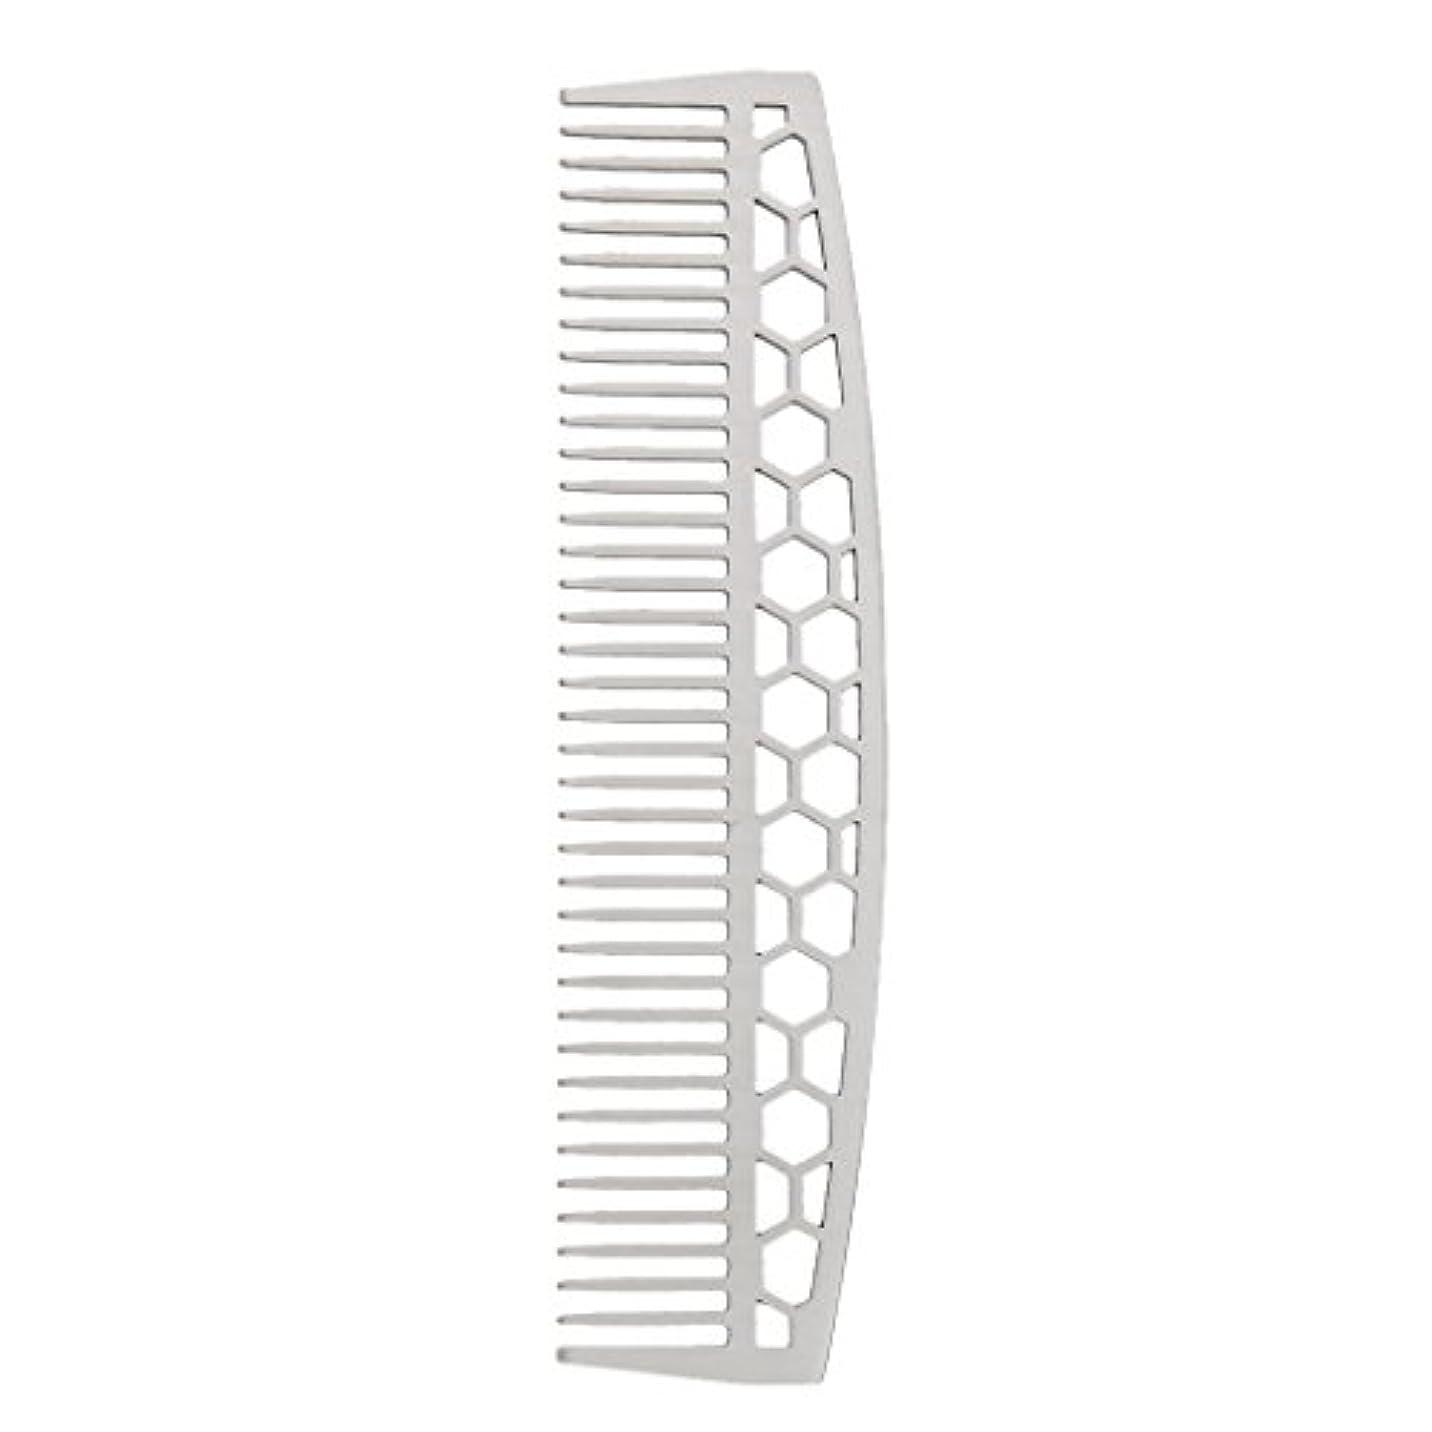 虫を数える栄養抱擁DYNWAVE ビアードコーム ひげブラシ ヘアコーム 家庭用櫛 ステンレス 2タイプ - #1